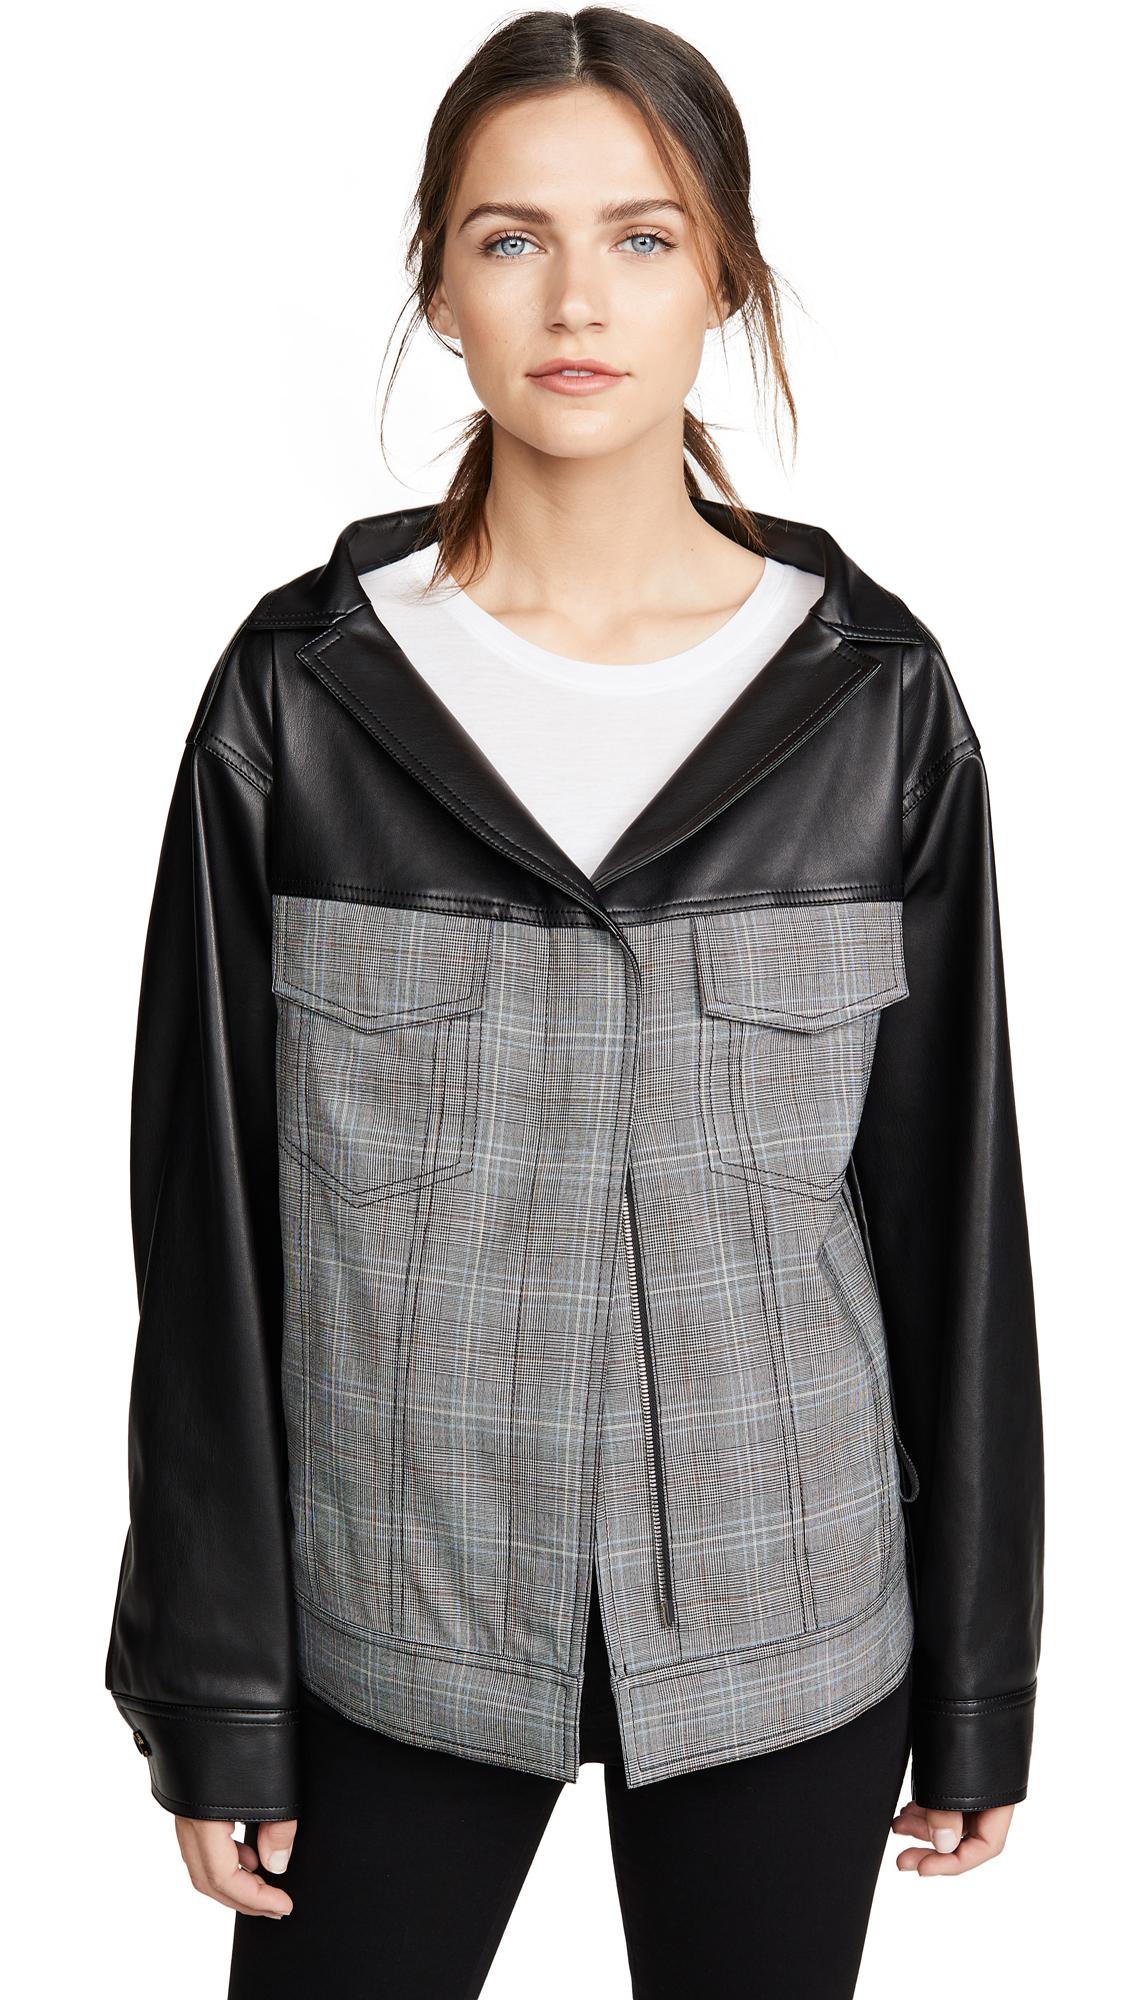 Adeam Oversized Ruched Jacket - Slate